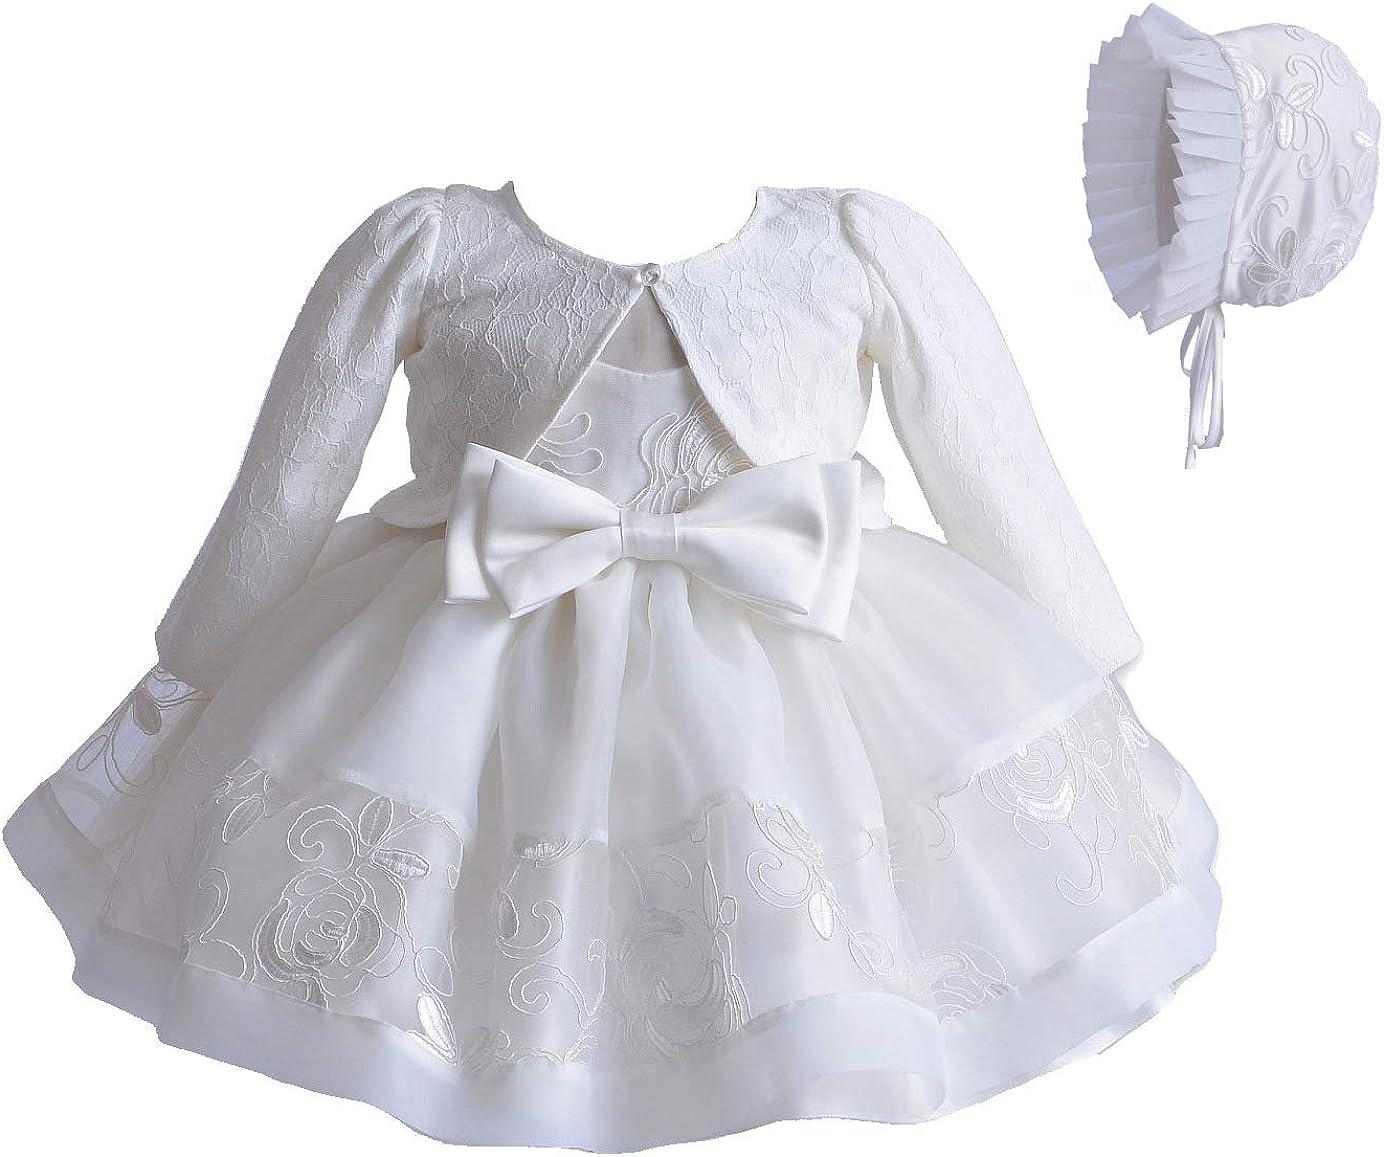 Cinda Vestido de Fiesta de Bautizo de Marfil de ni/ña beb/é cap/ó y Chaqueta